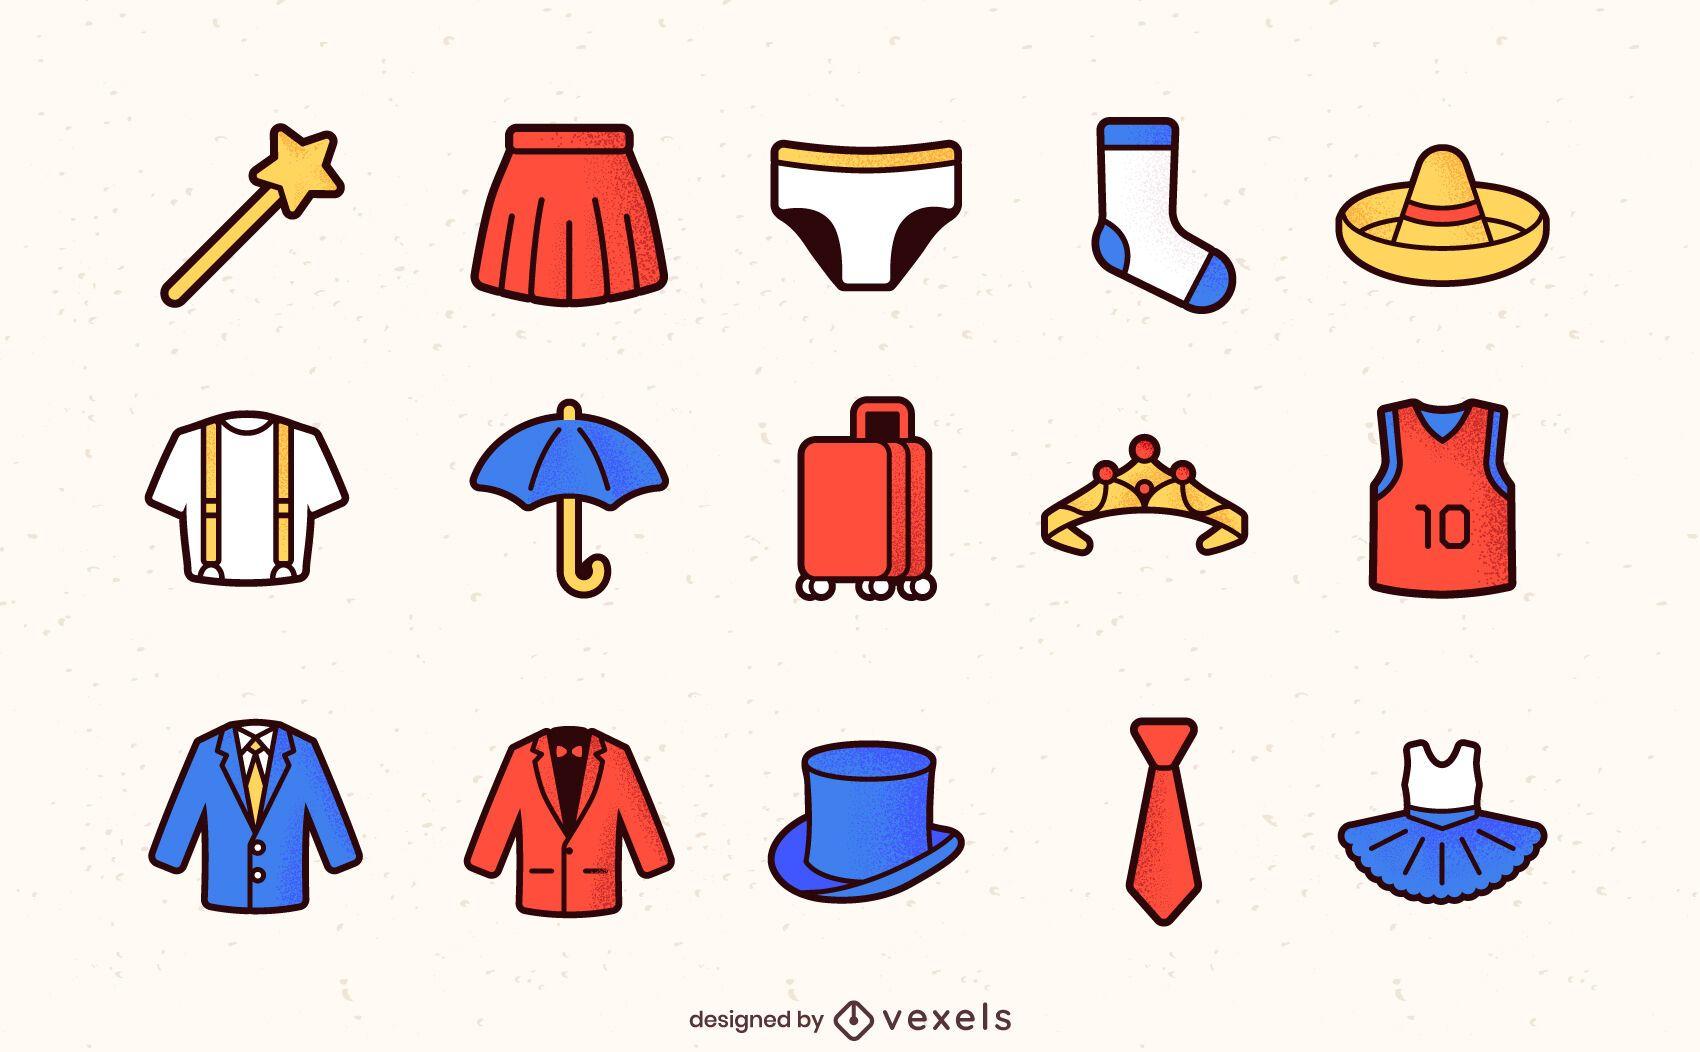 Farb-Strich-Symbole der Kleidung